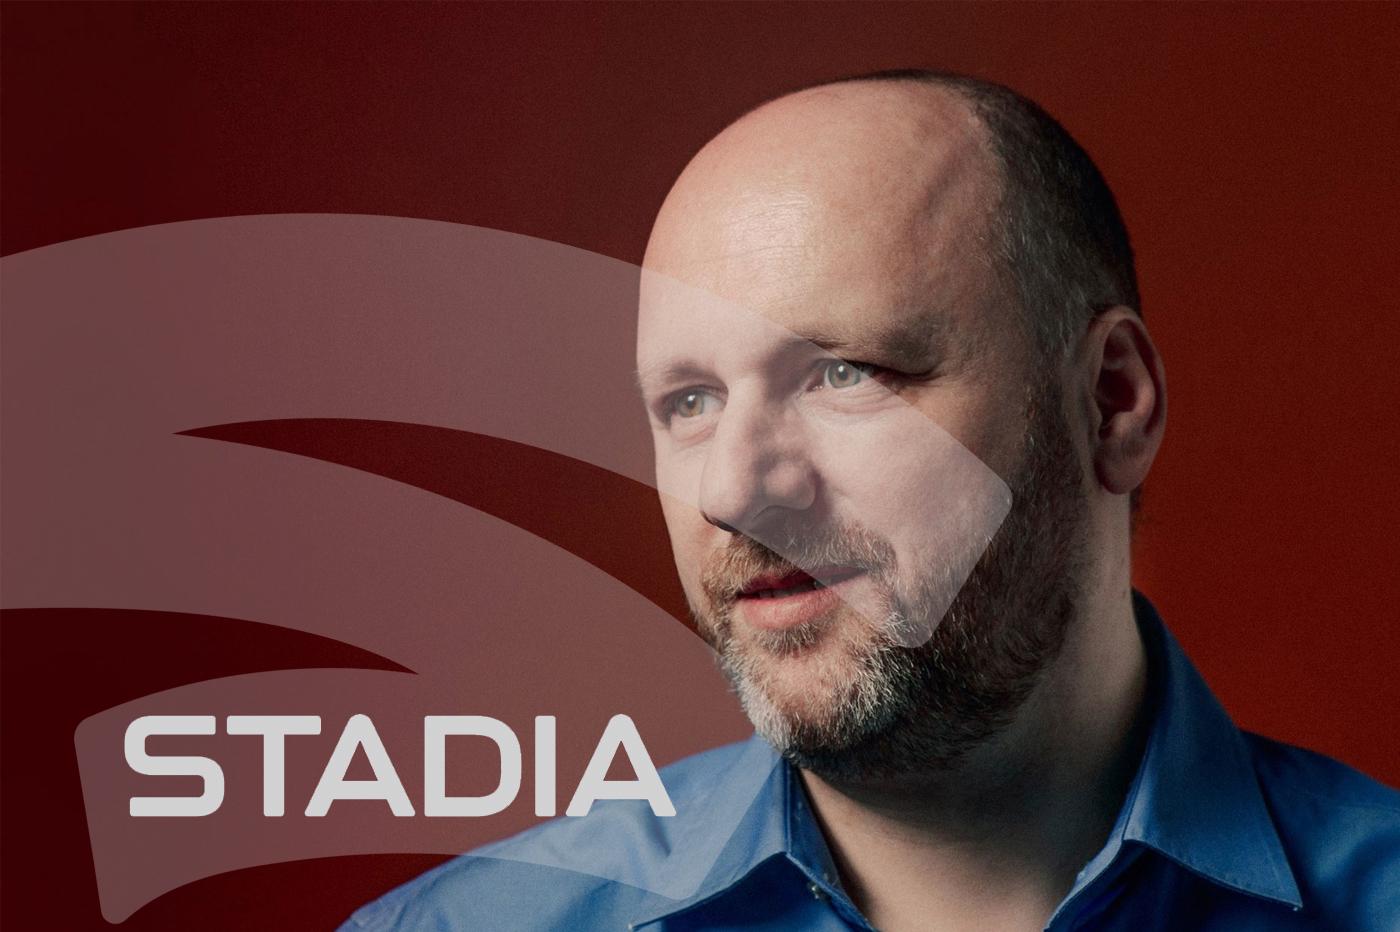 David Cage Quantic Dream Google Stadia